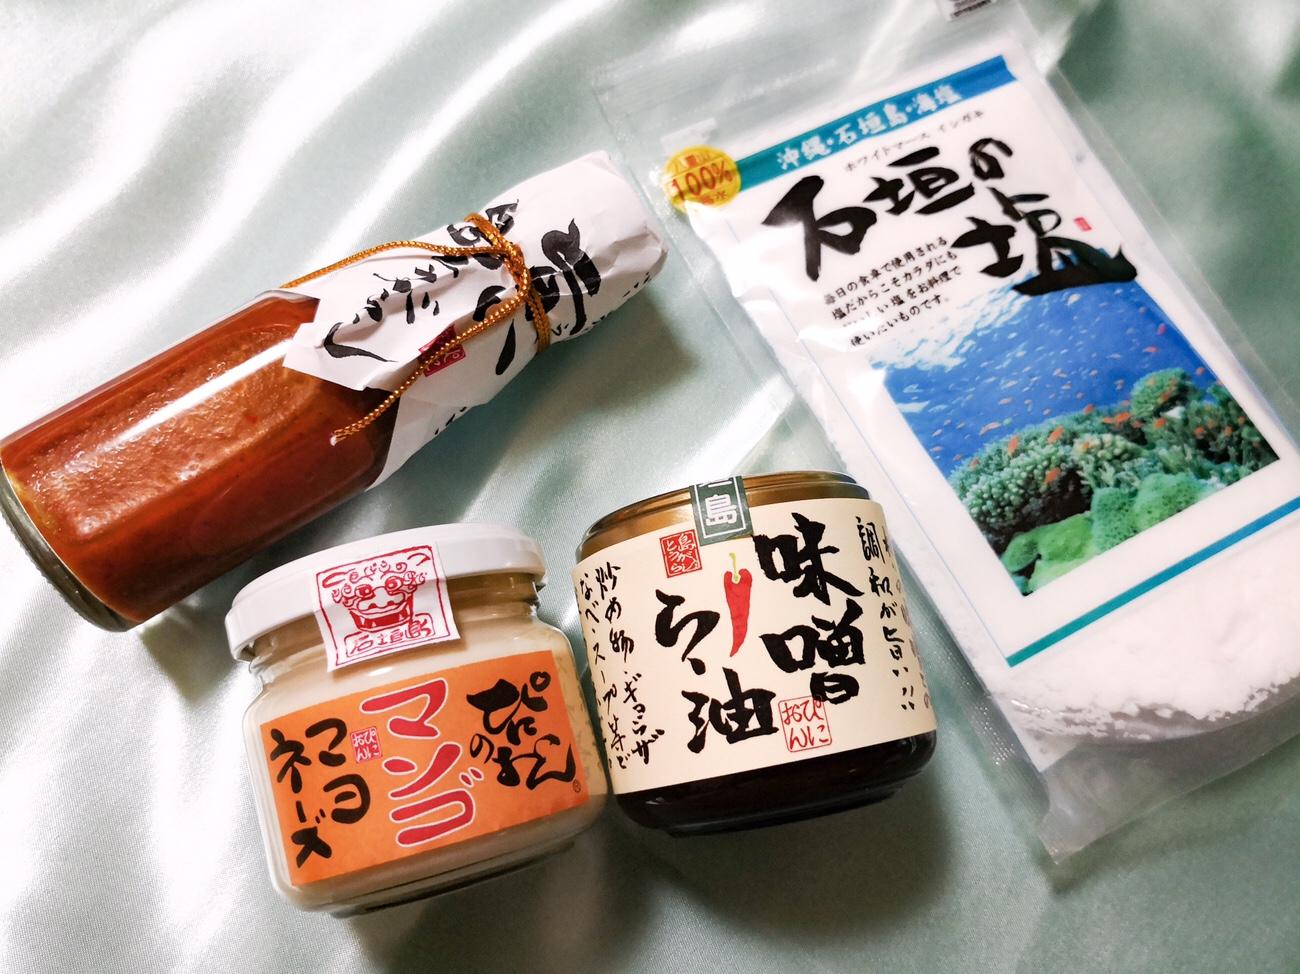 石垣島土産。石垣の塩、旨い島とうがらし、味噌ラー油、ぴにおんマンゴマヨネーズ